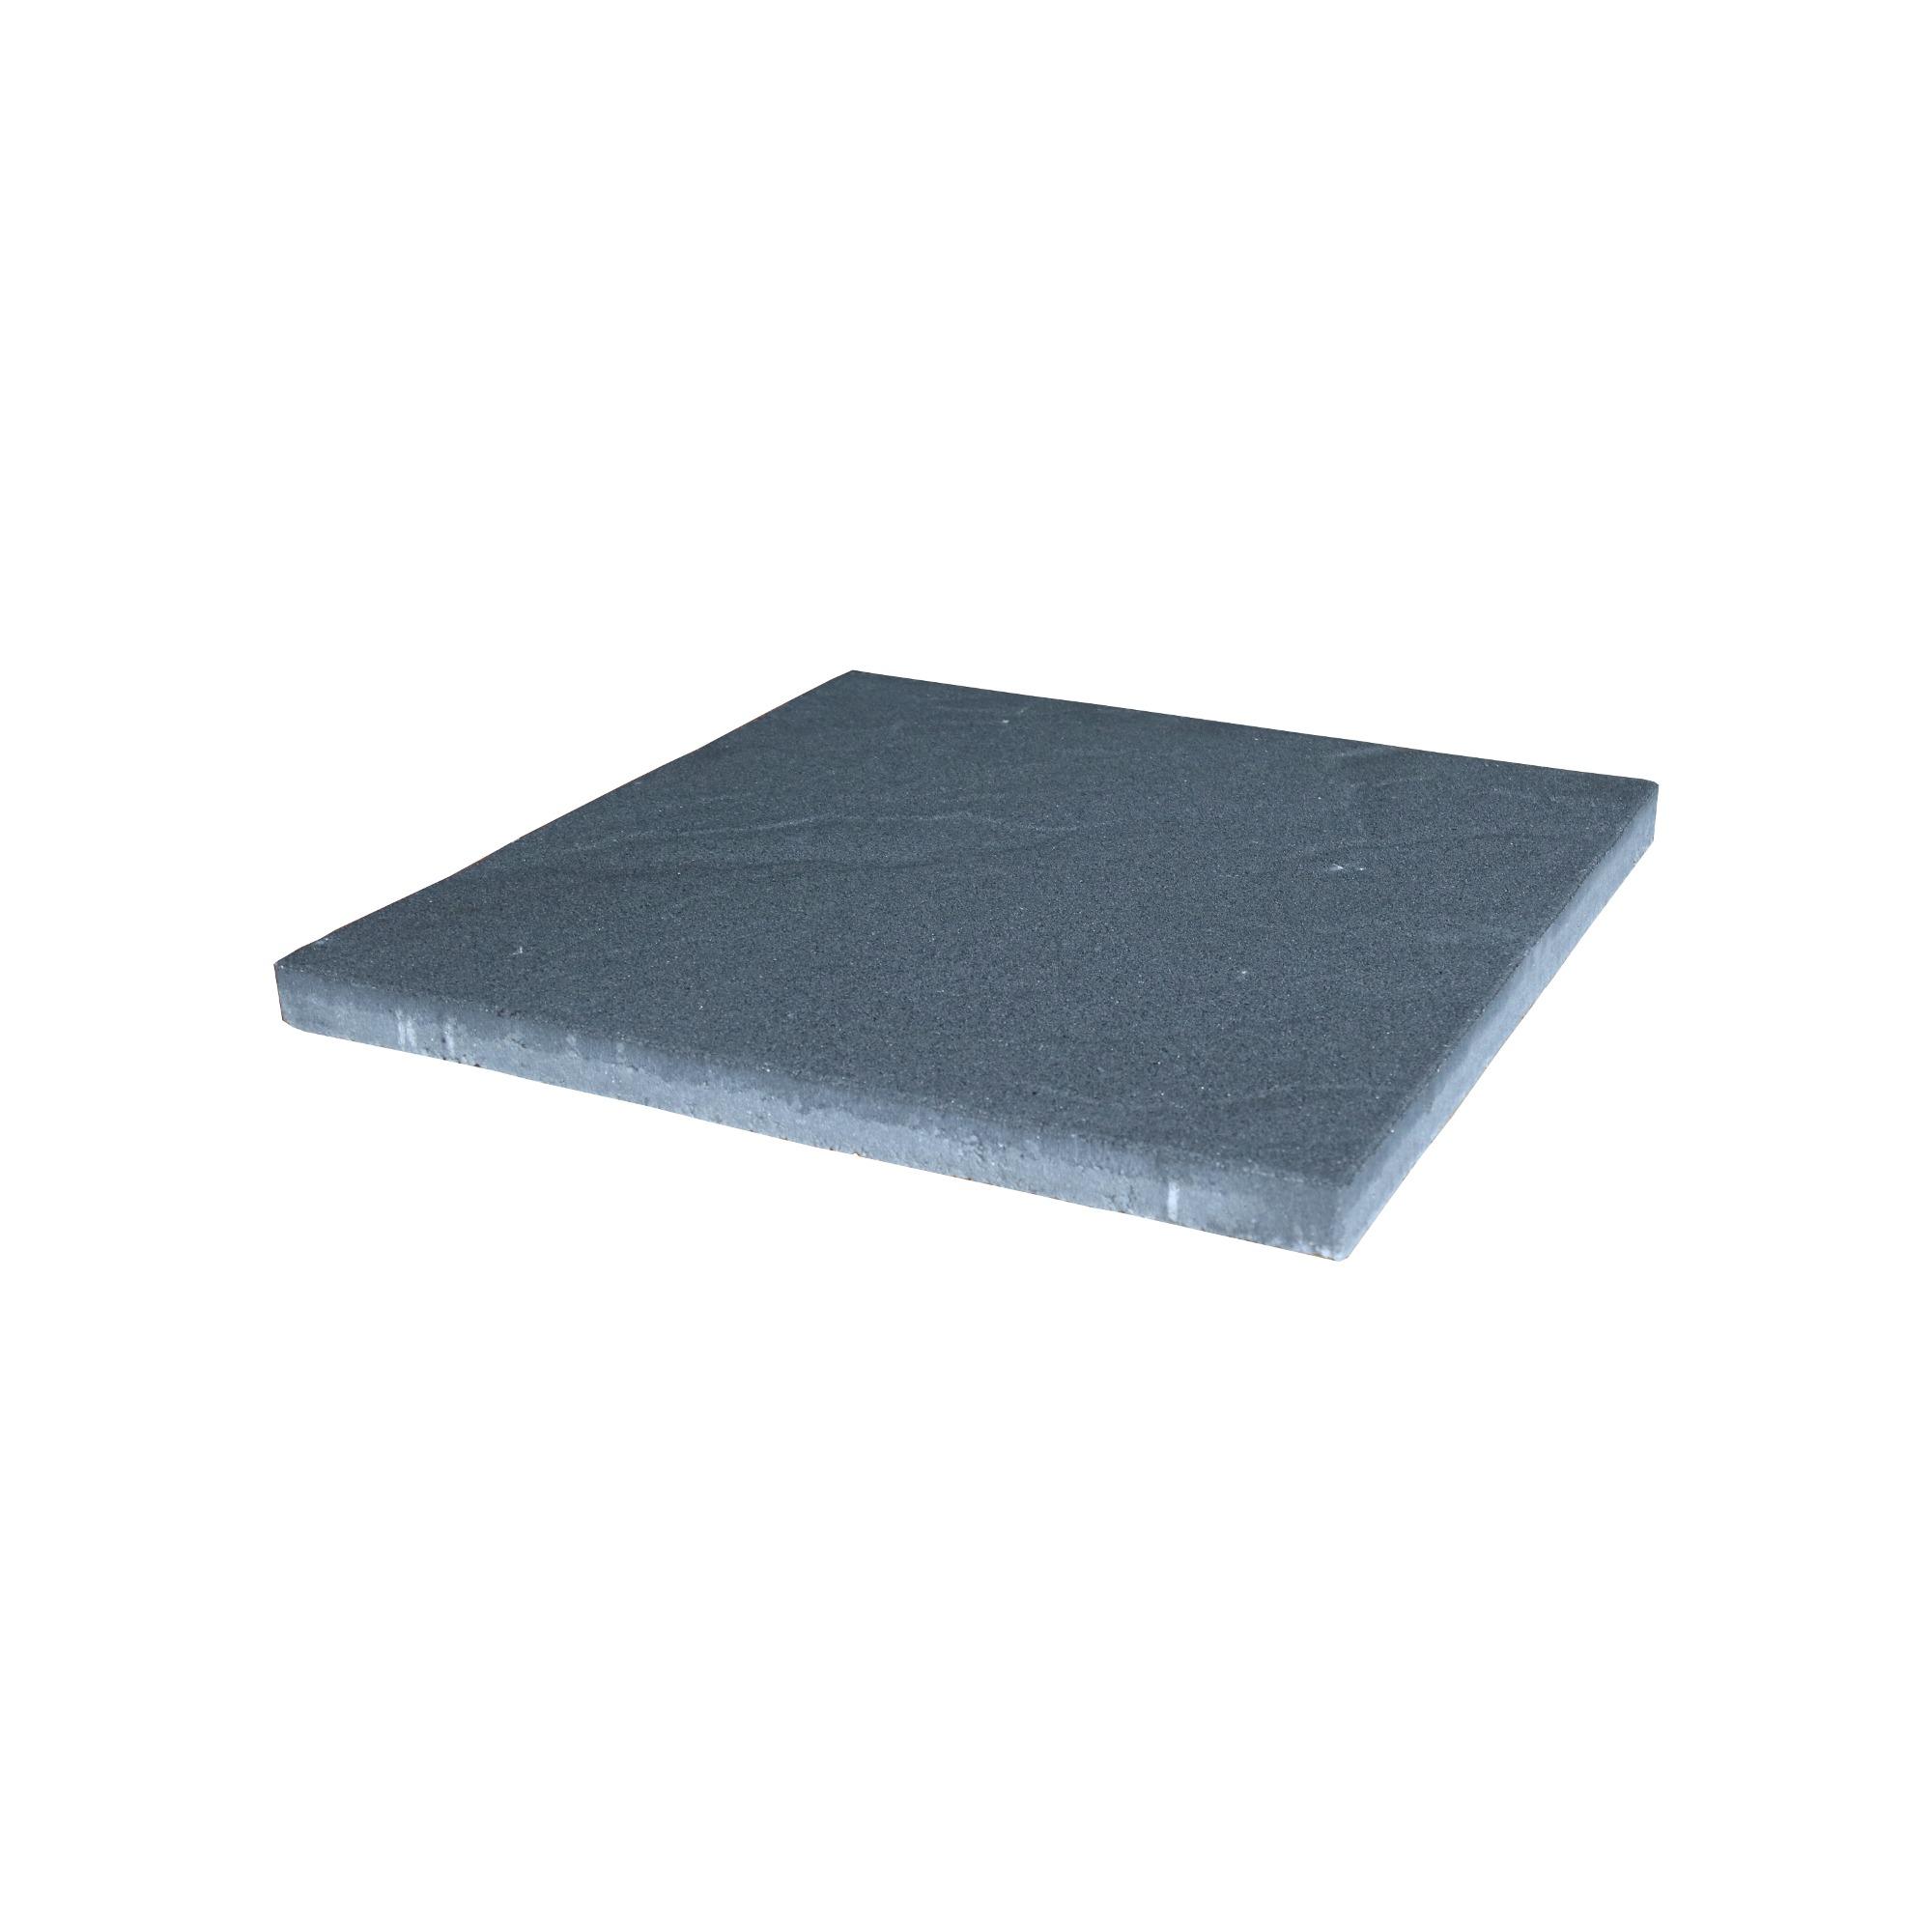 Terrastegel Beton Ardechio Zwart Nuance 60x60 cm 36 Tegels-12,96 m2